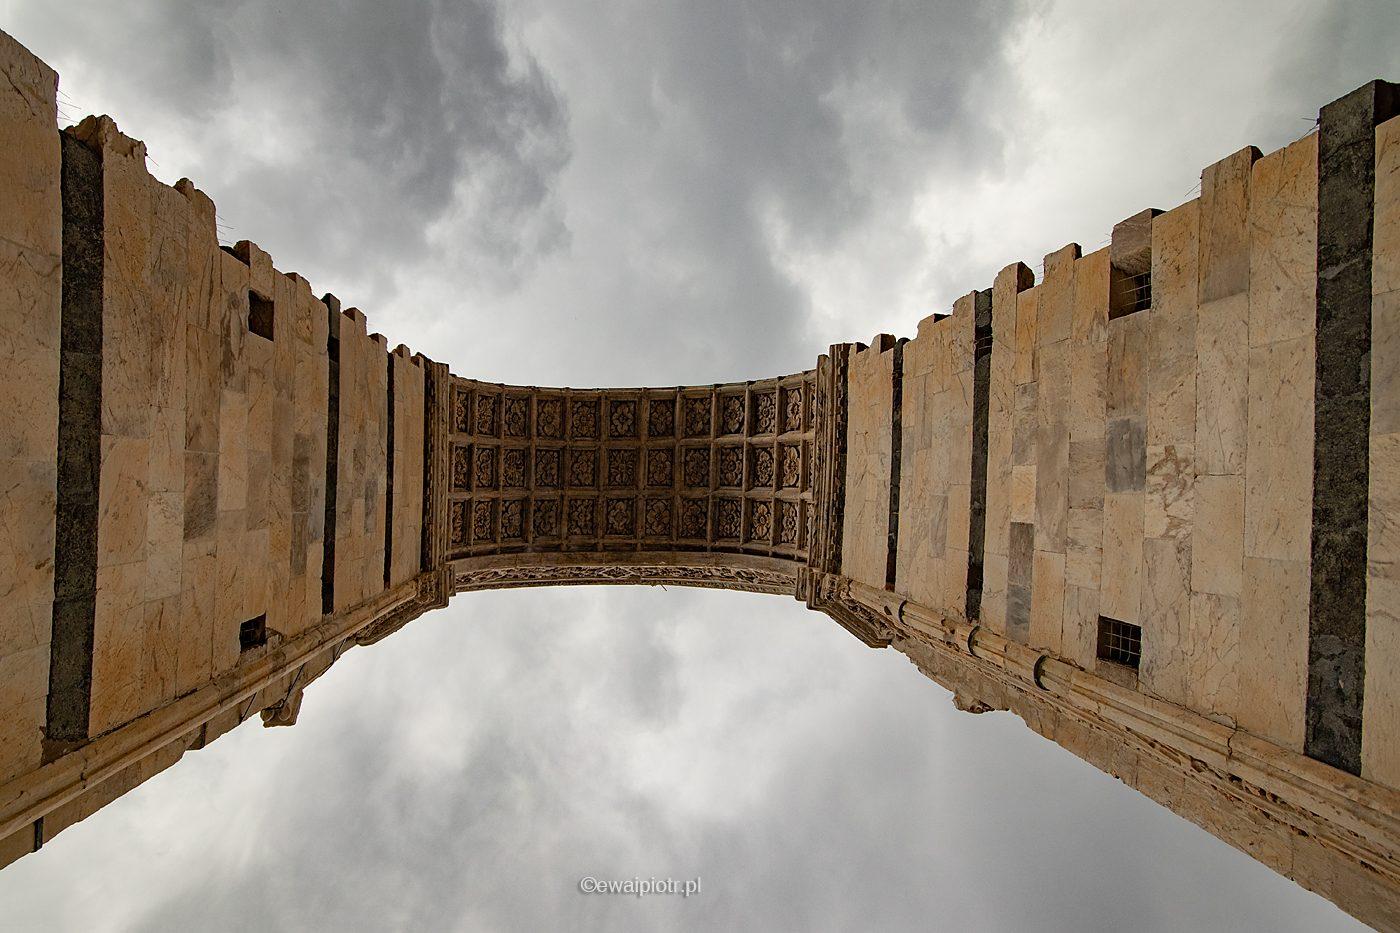 Łuk nad katedrą w Sienie, Toskania